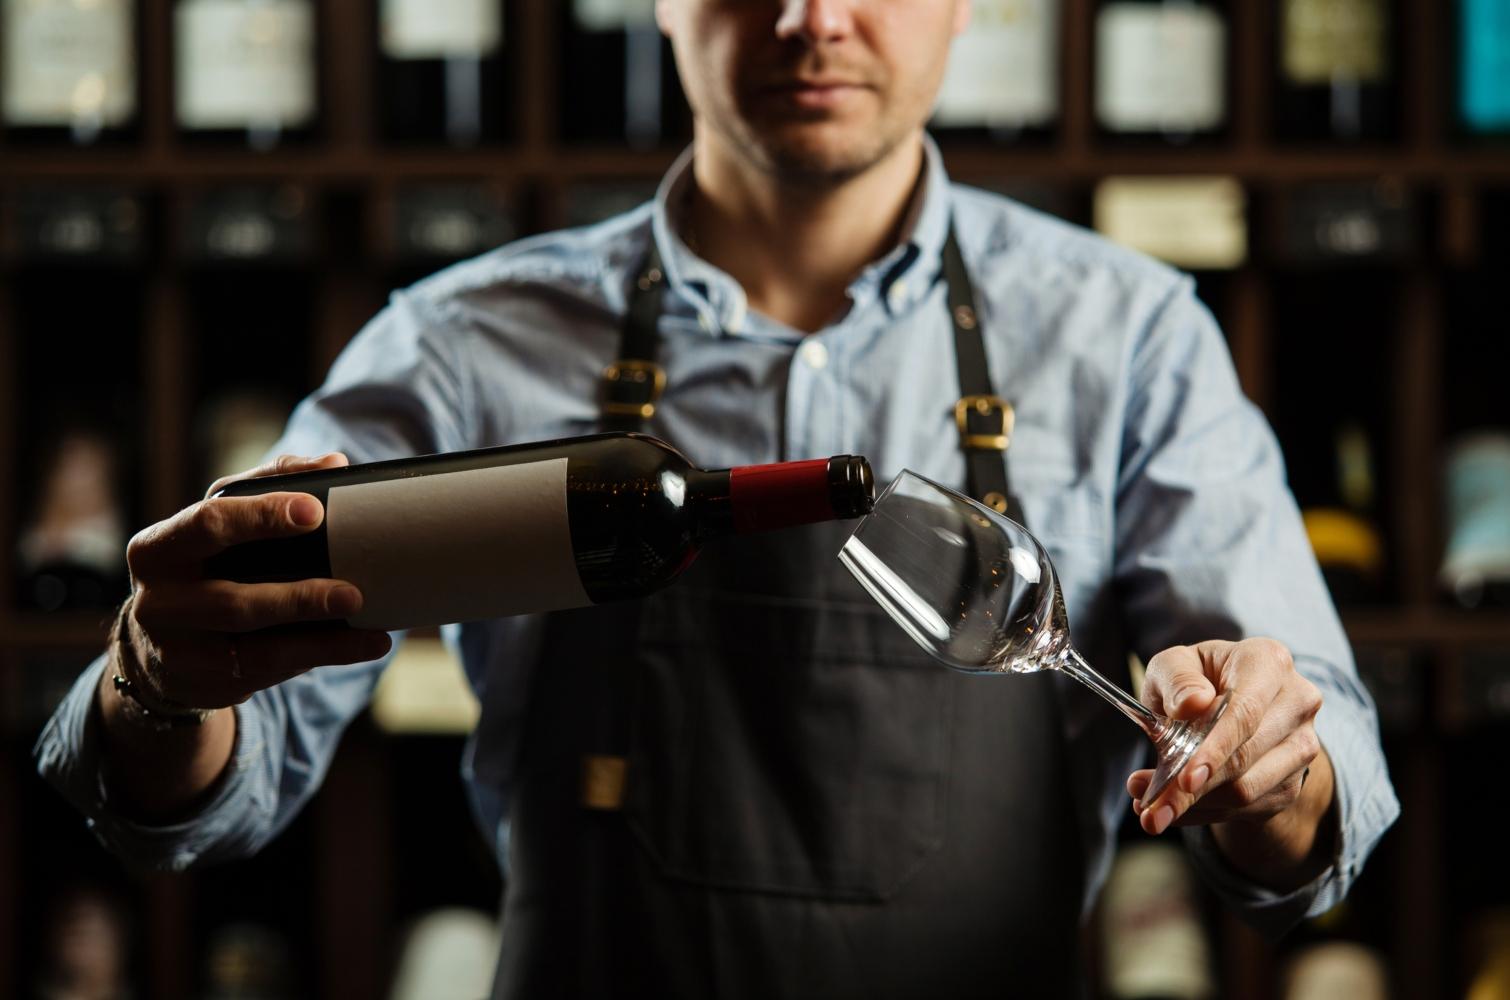 Homem a servir vinho